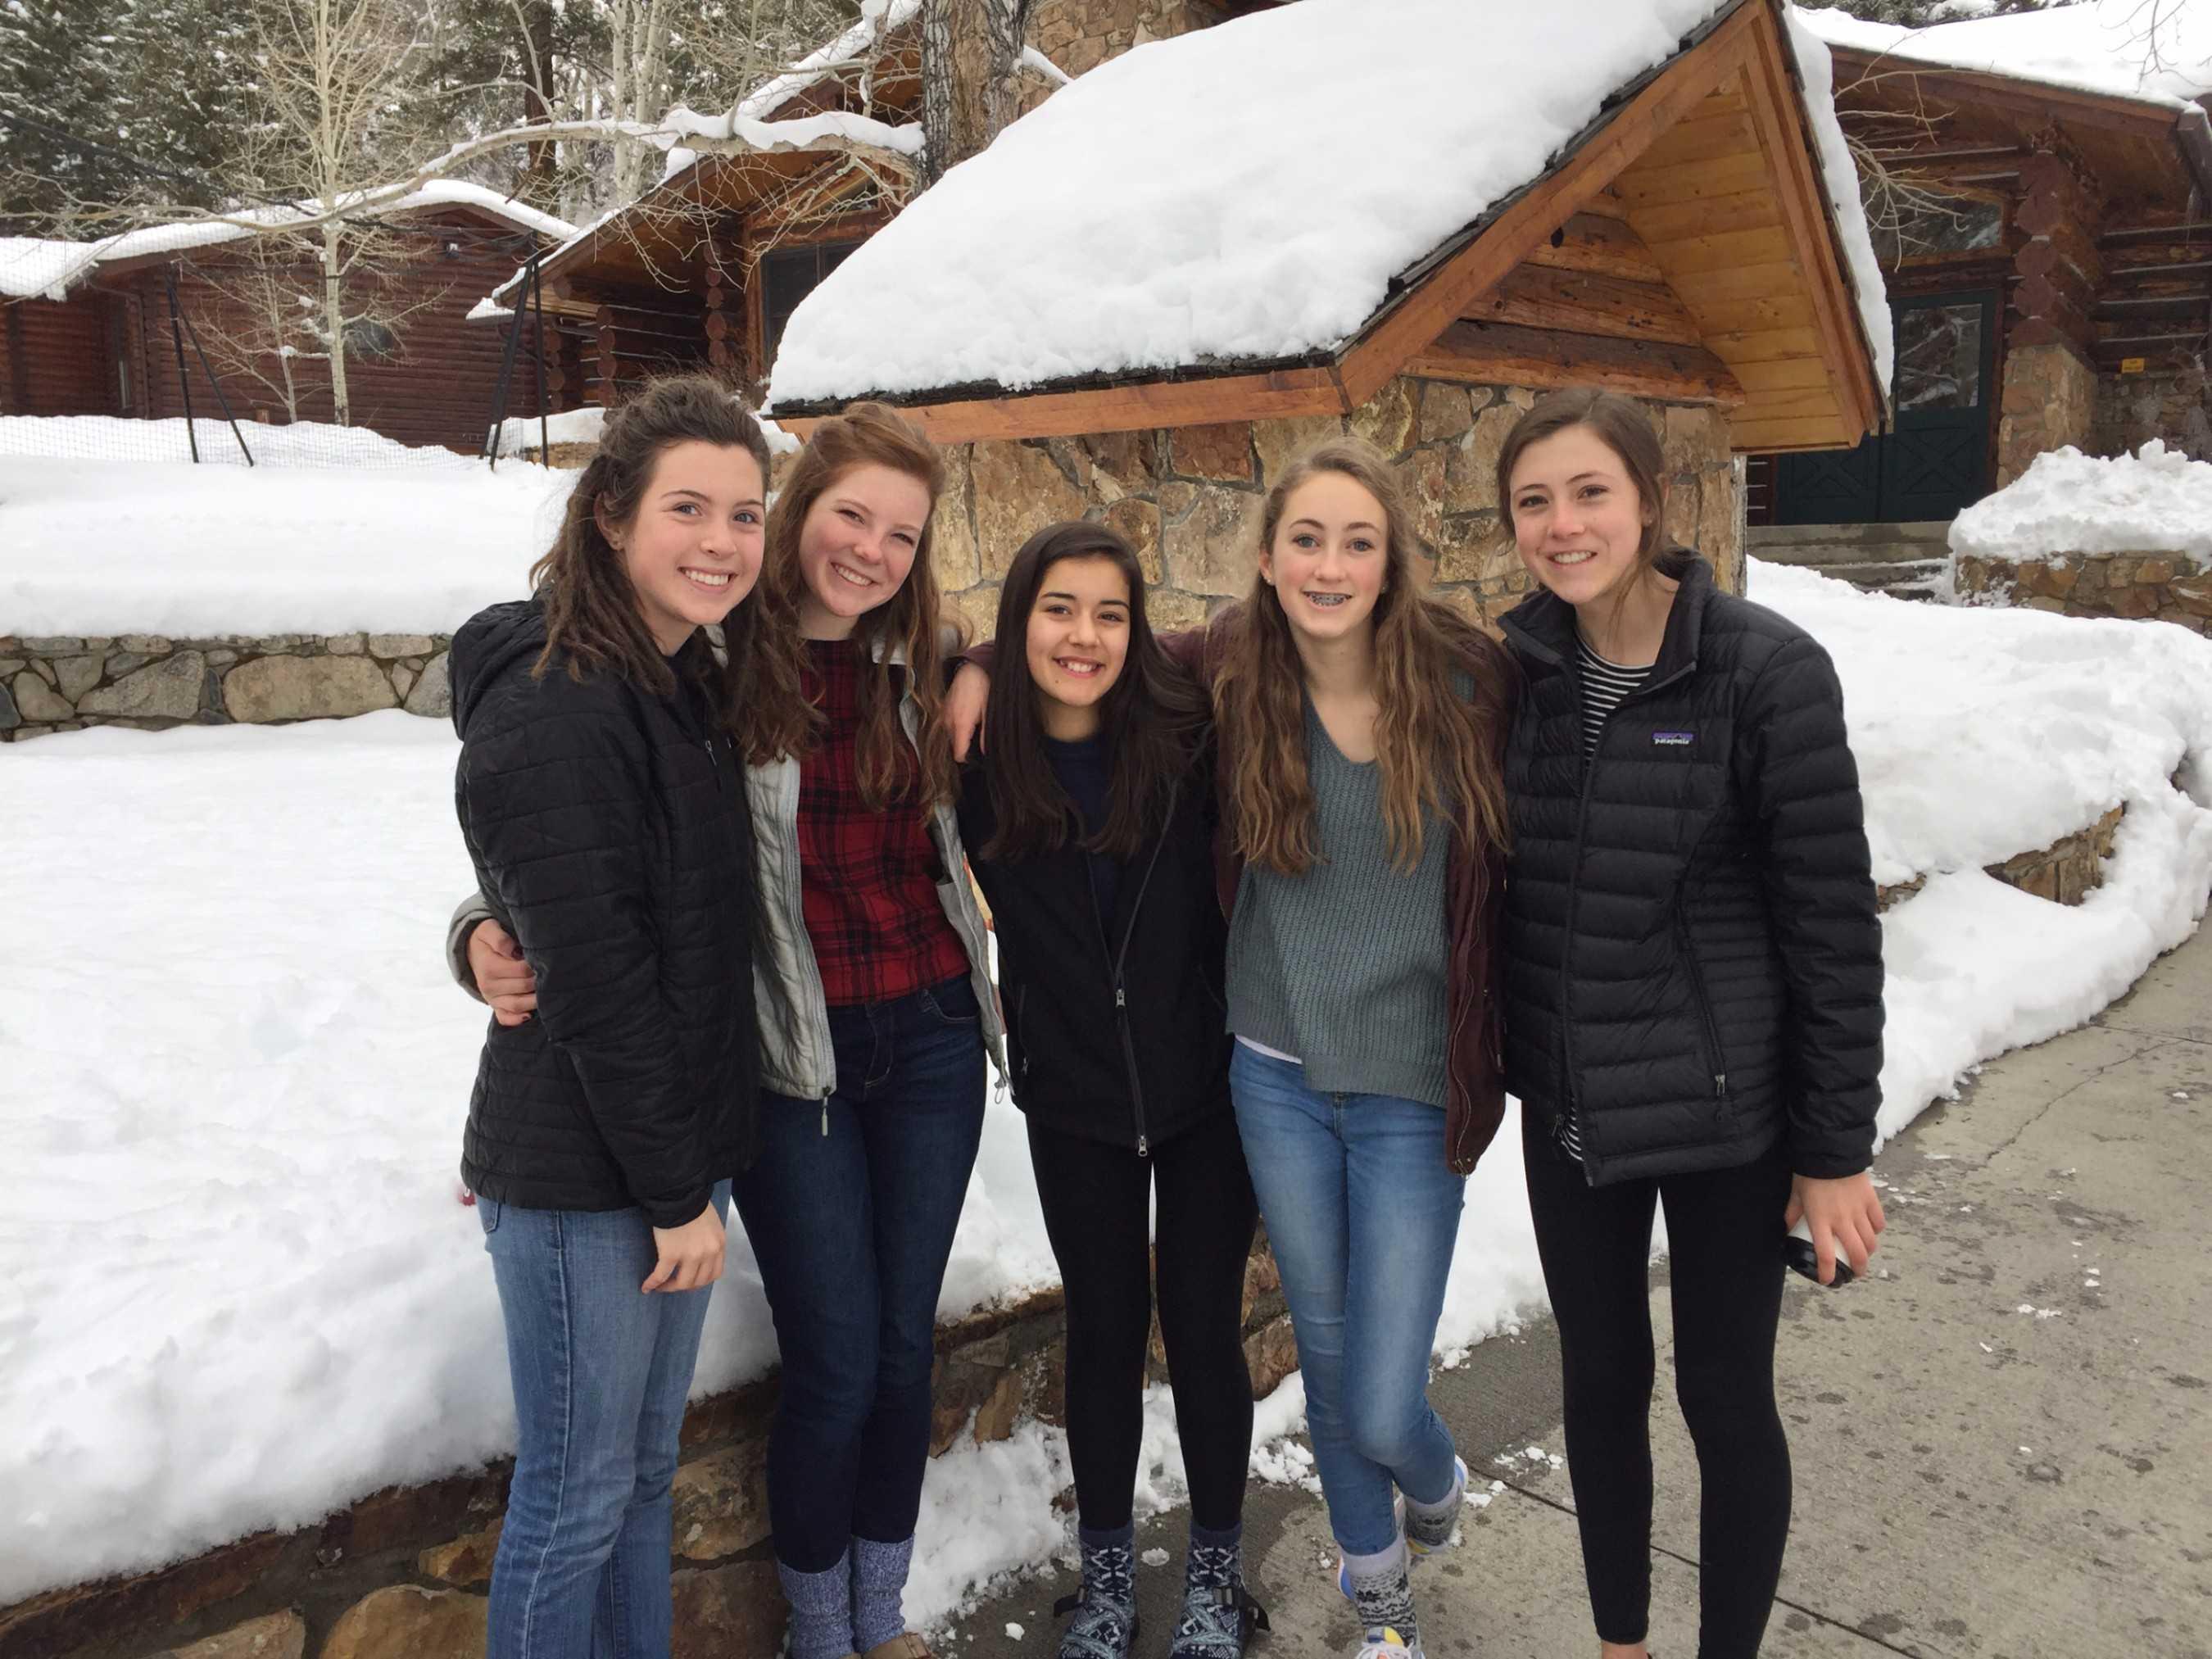 Enjoying the Colorado Winter Season